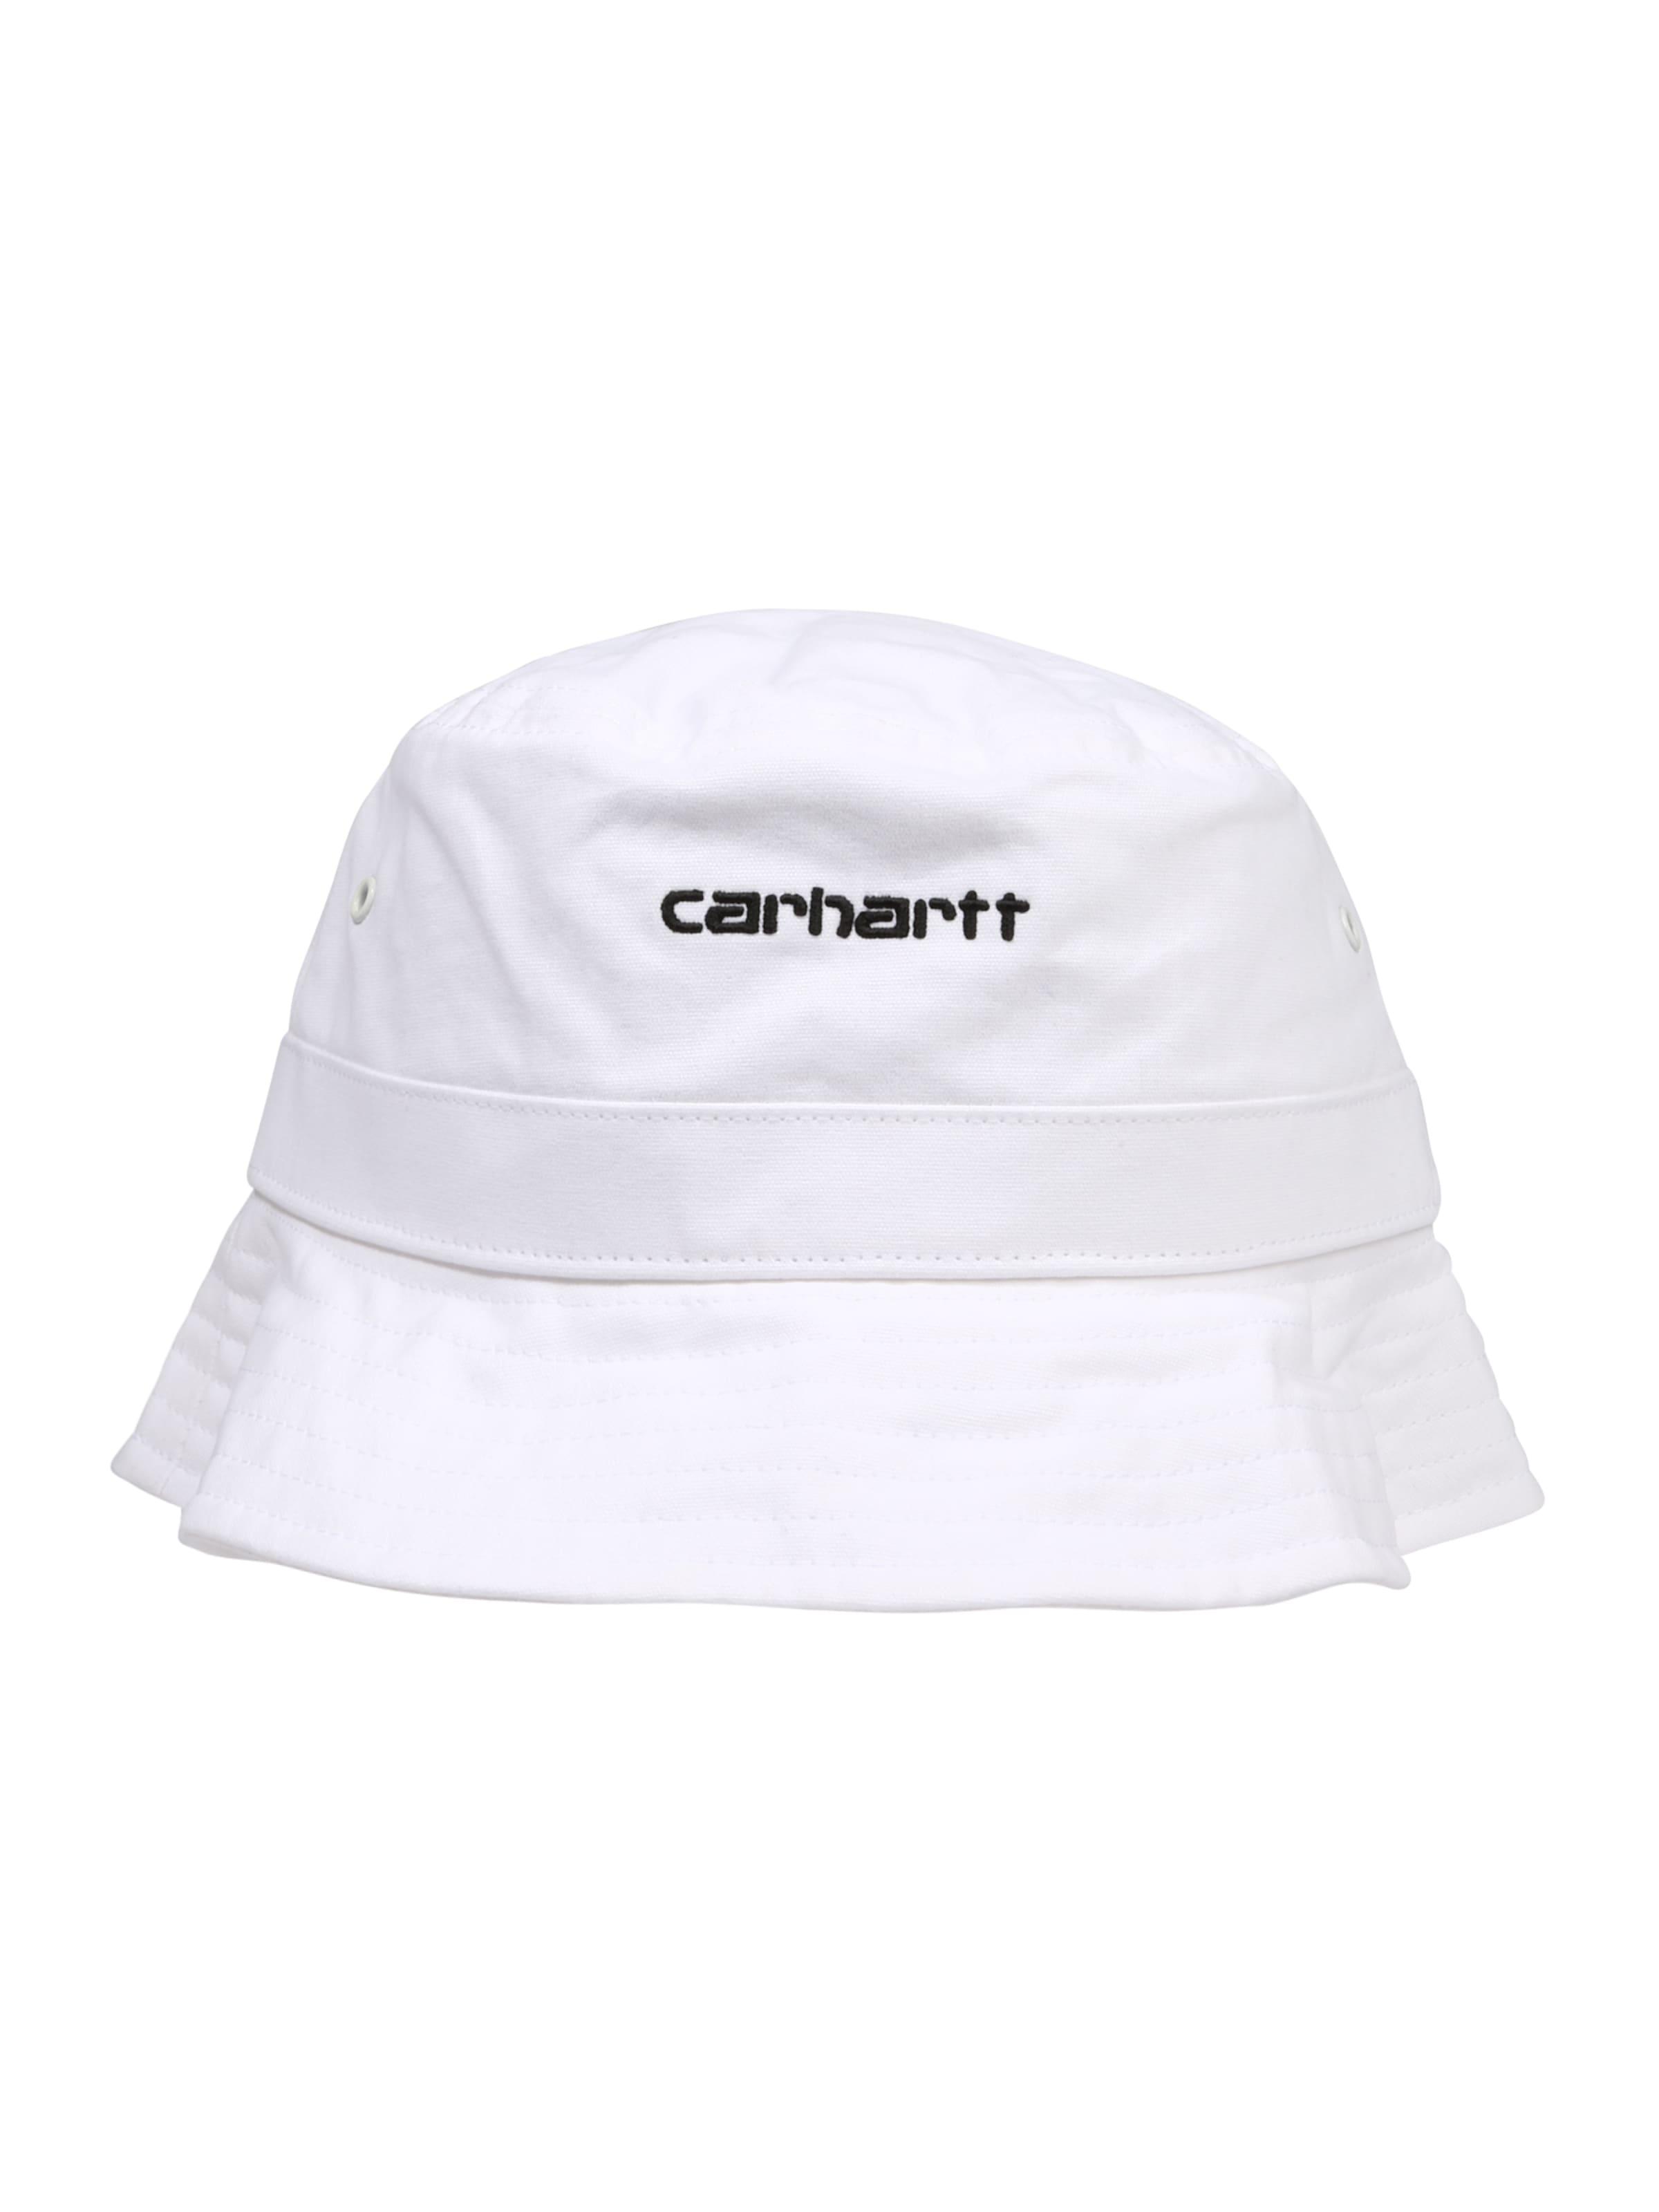 Mütze Weiß Carhartt In 'script Hat' Wip Bucket BQoxrCeWd